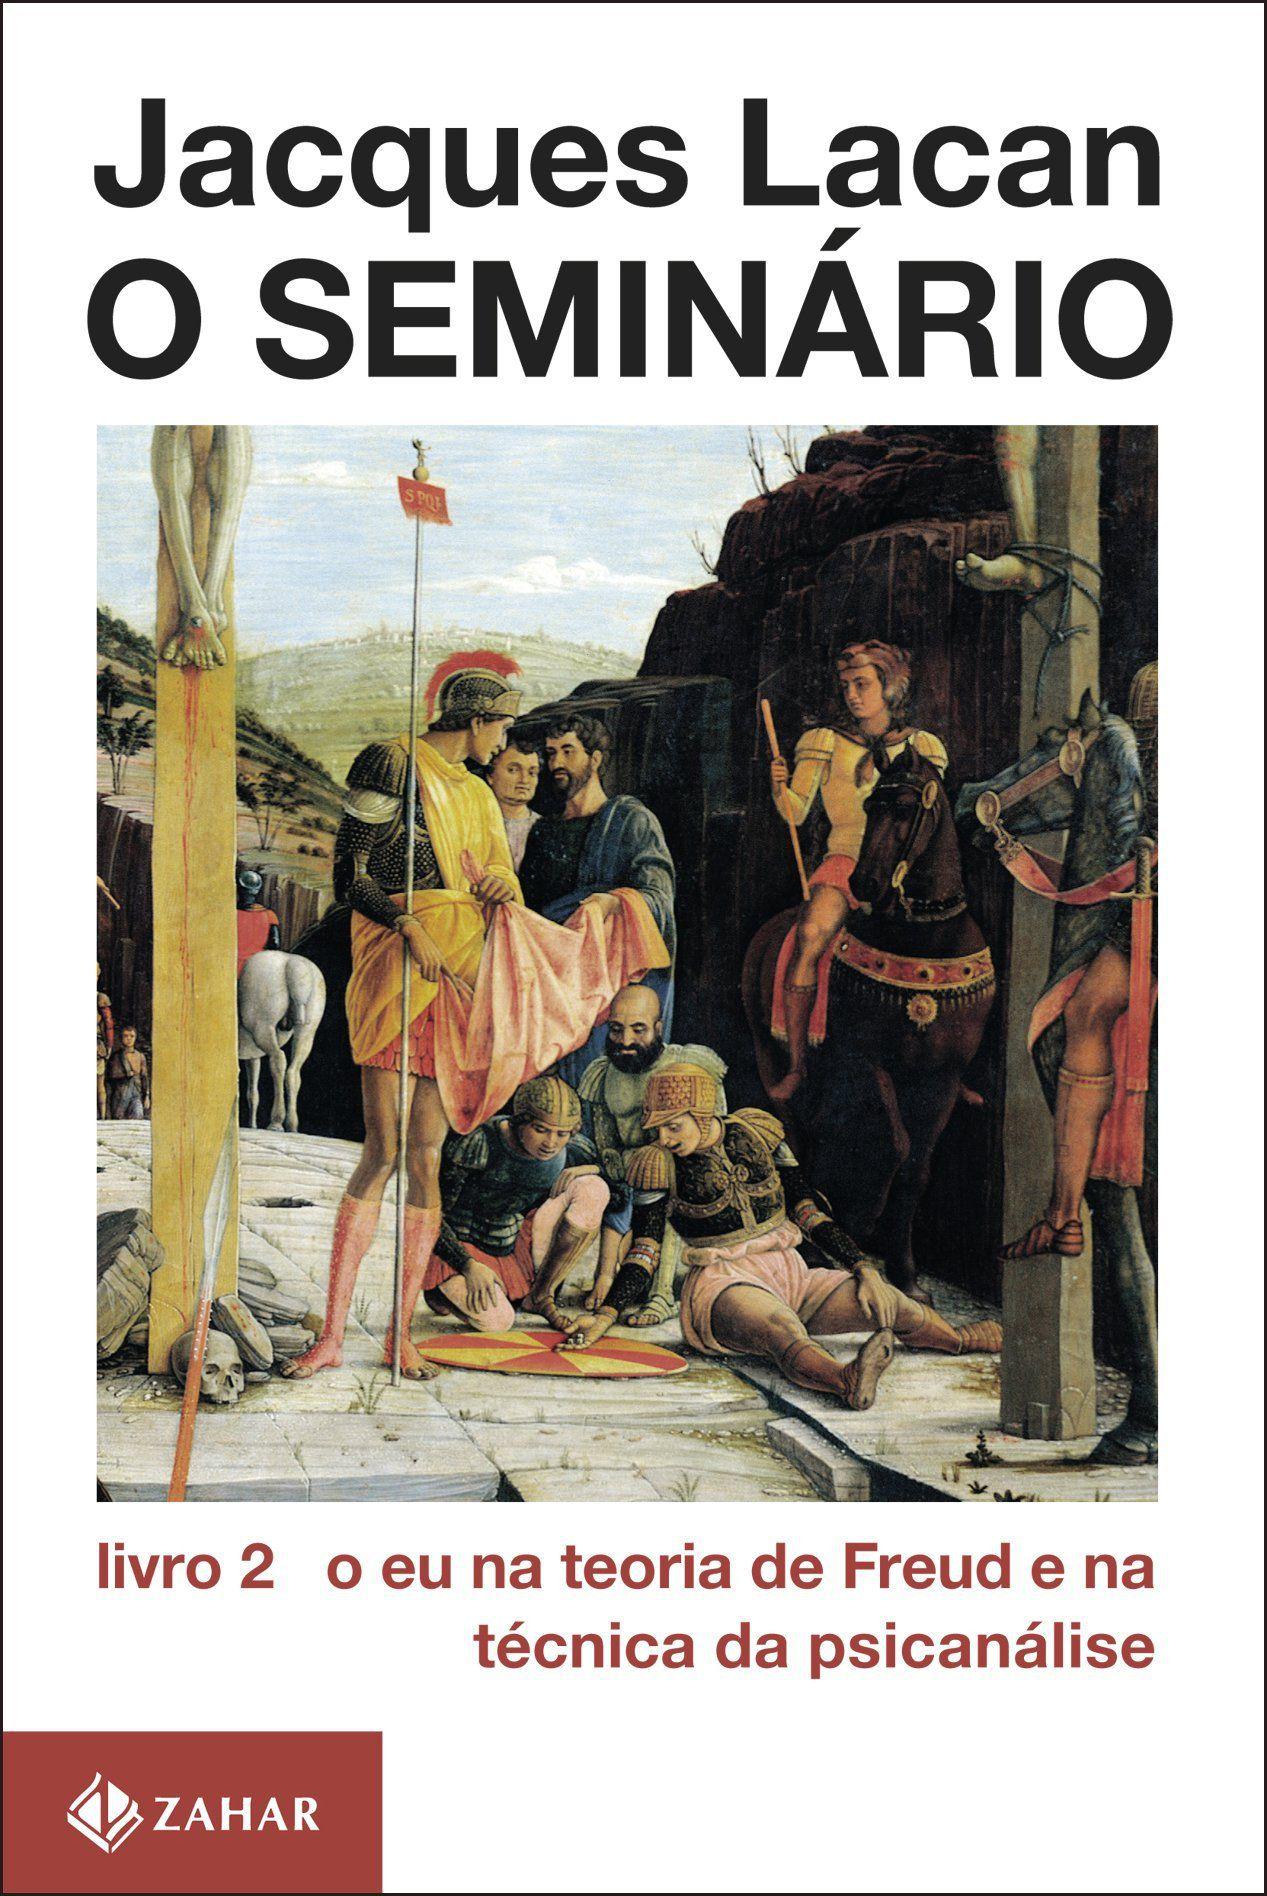 O Seminário, livro 2